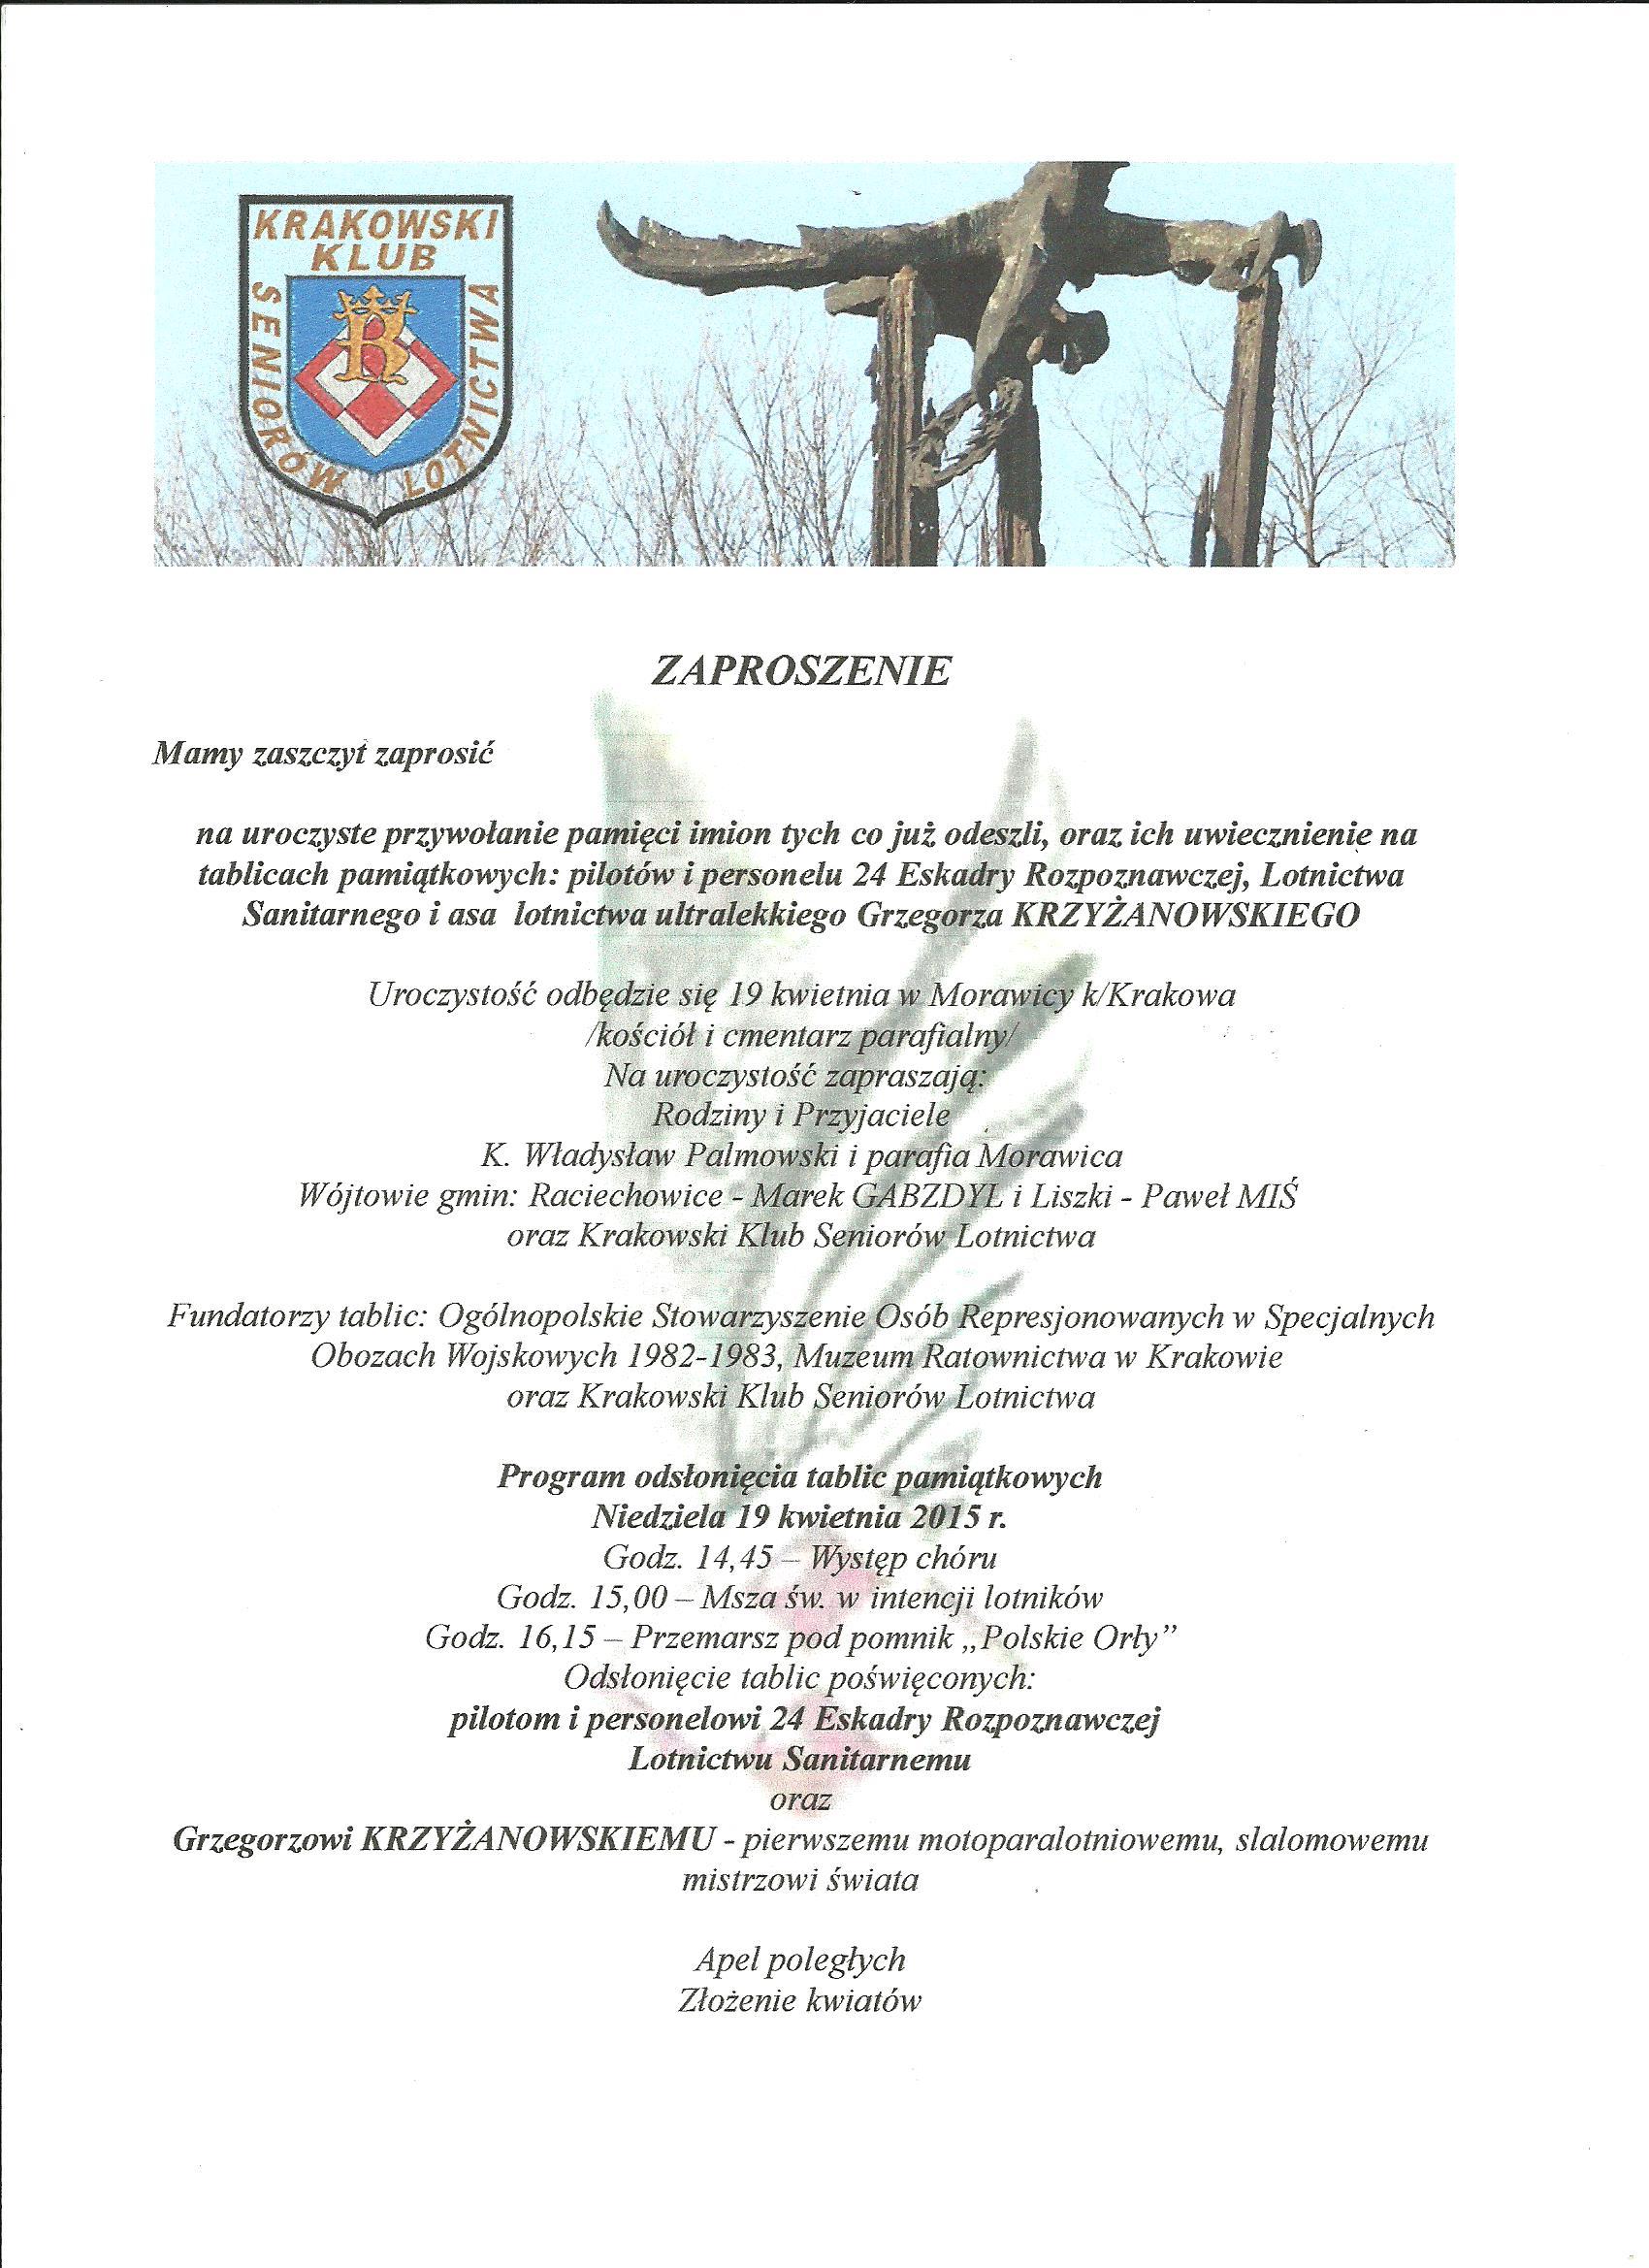 Krzyżanowski skan zaproszenia 001.png